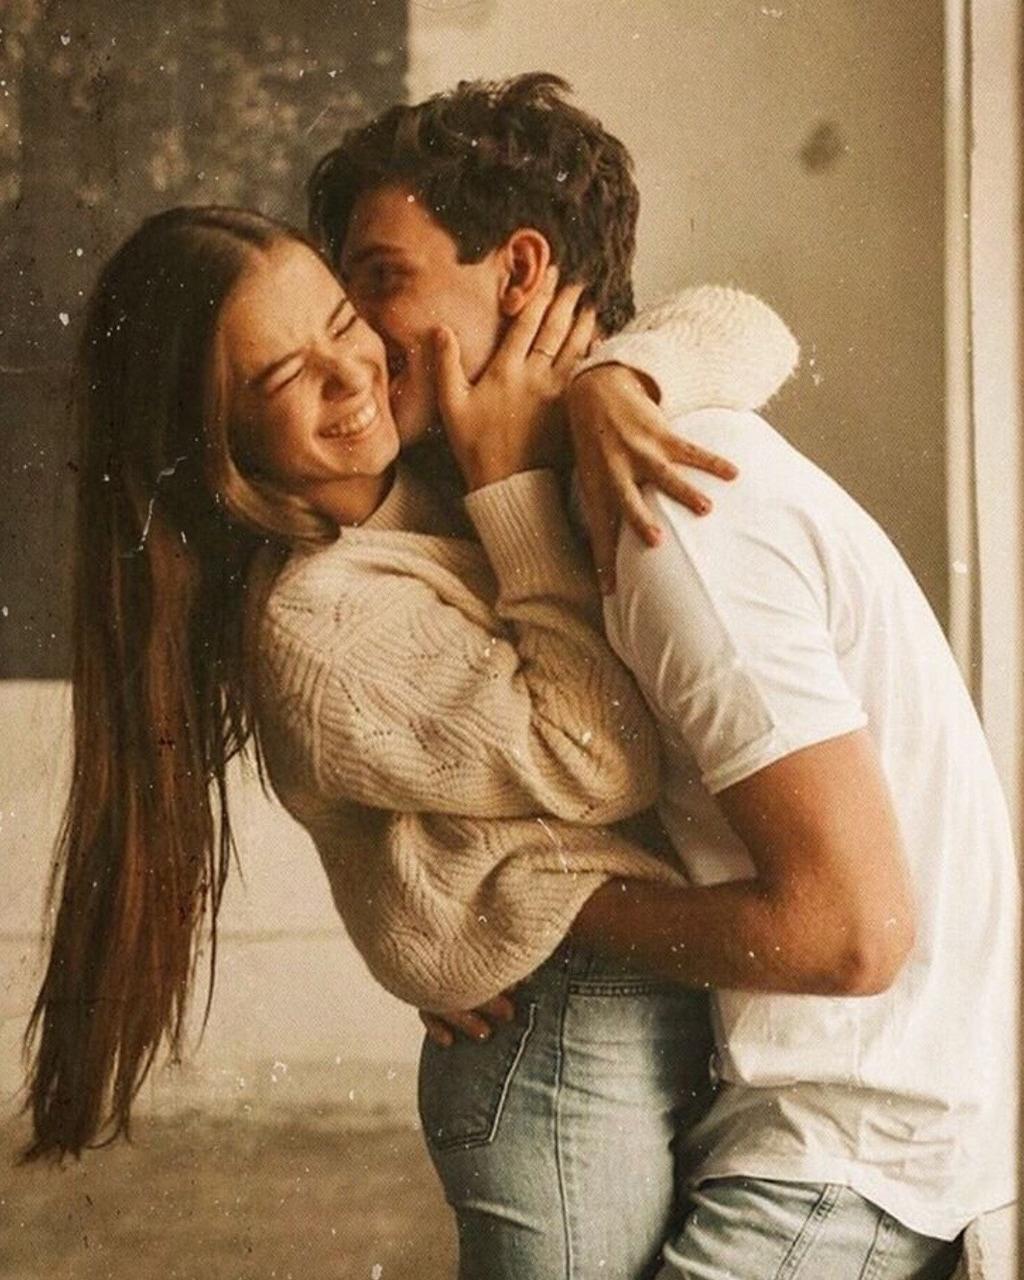 صورة الحب واظهارة بصور الاحباب , صور حب حبيبين